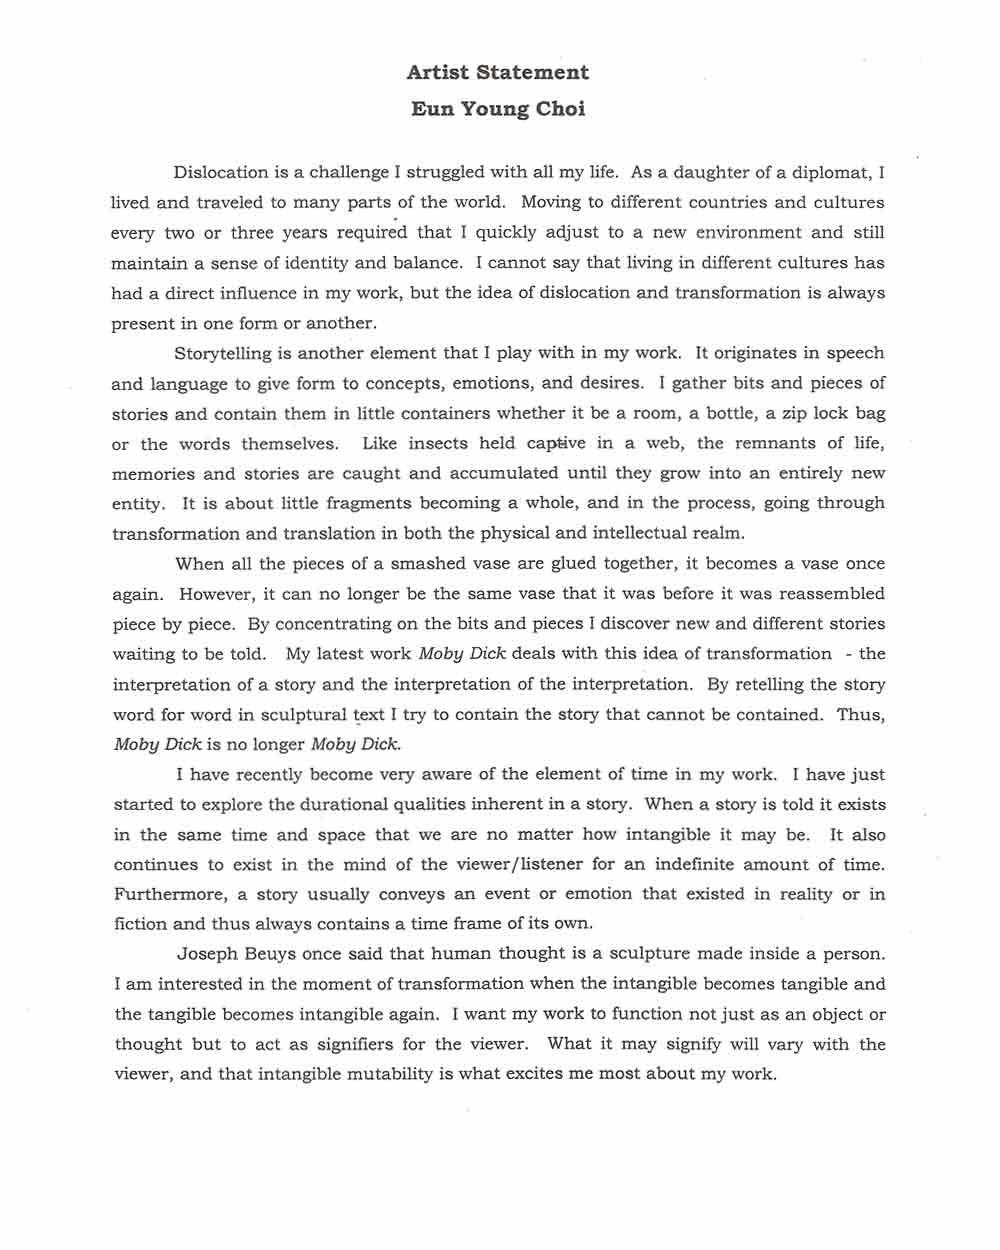 Eun Young Choi's artist statement